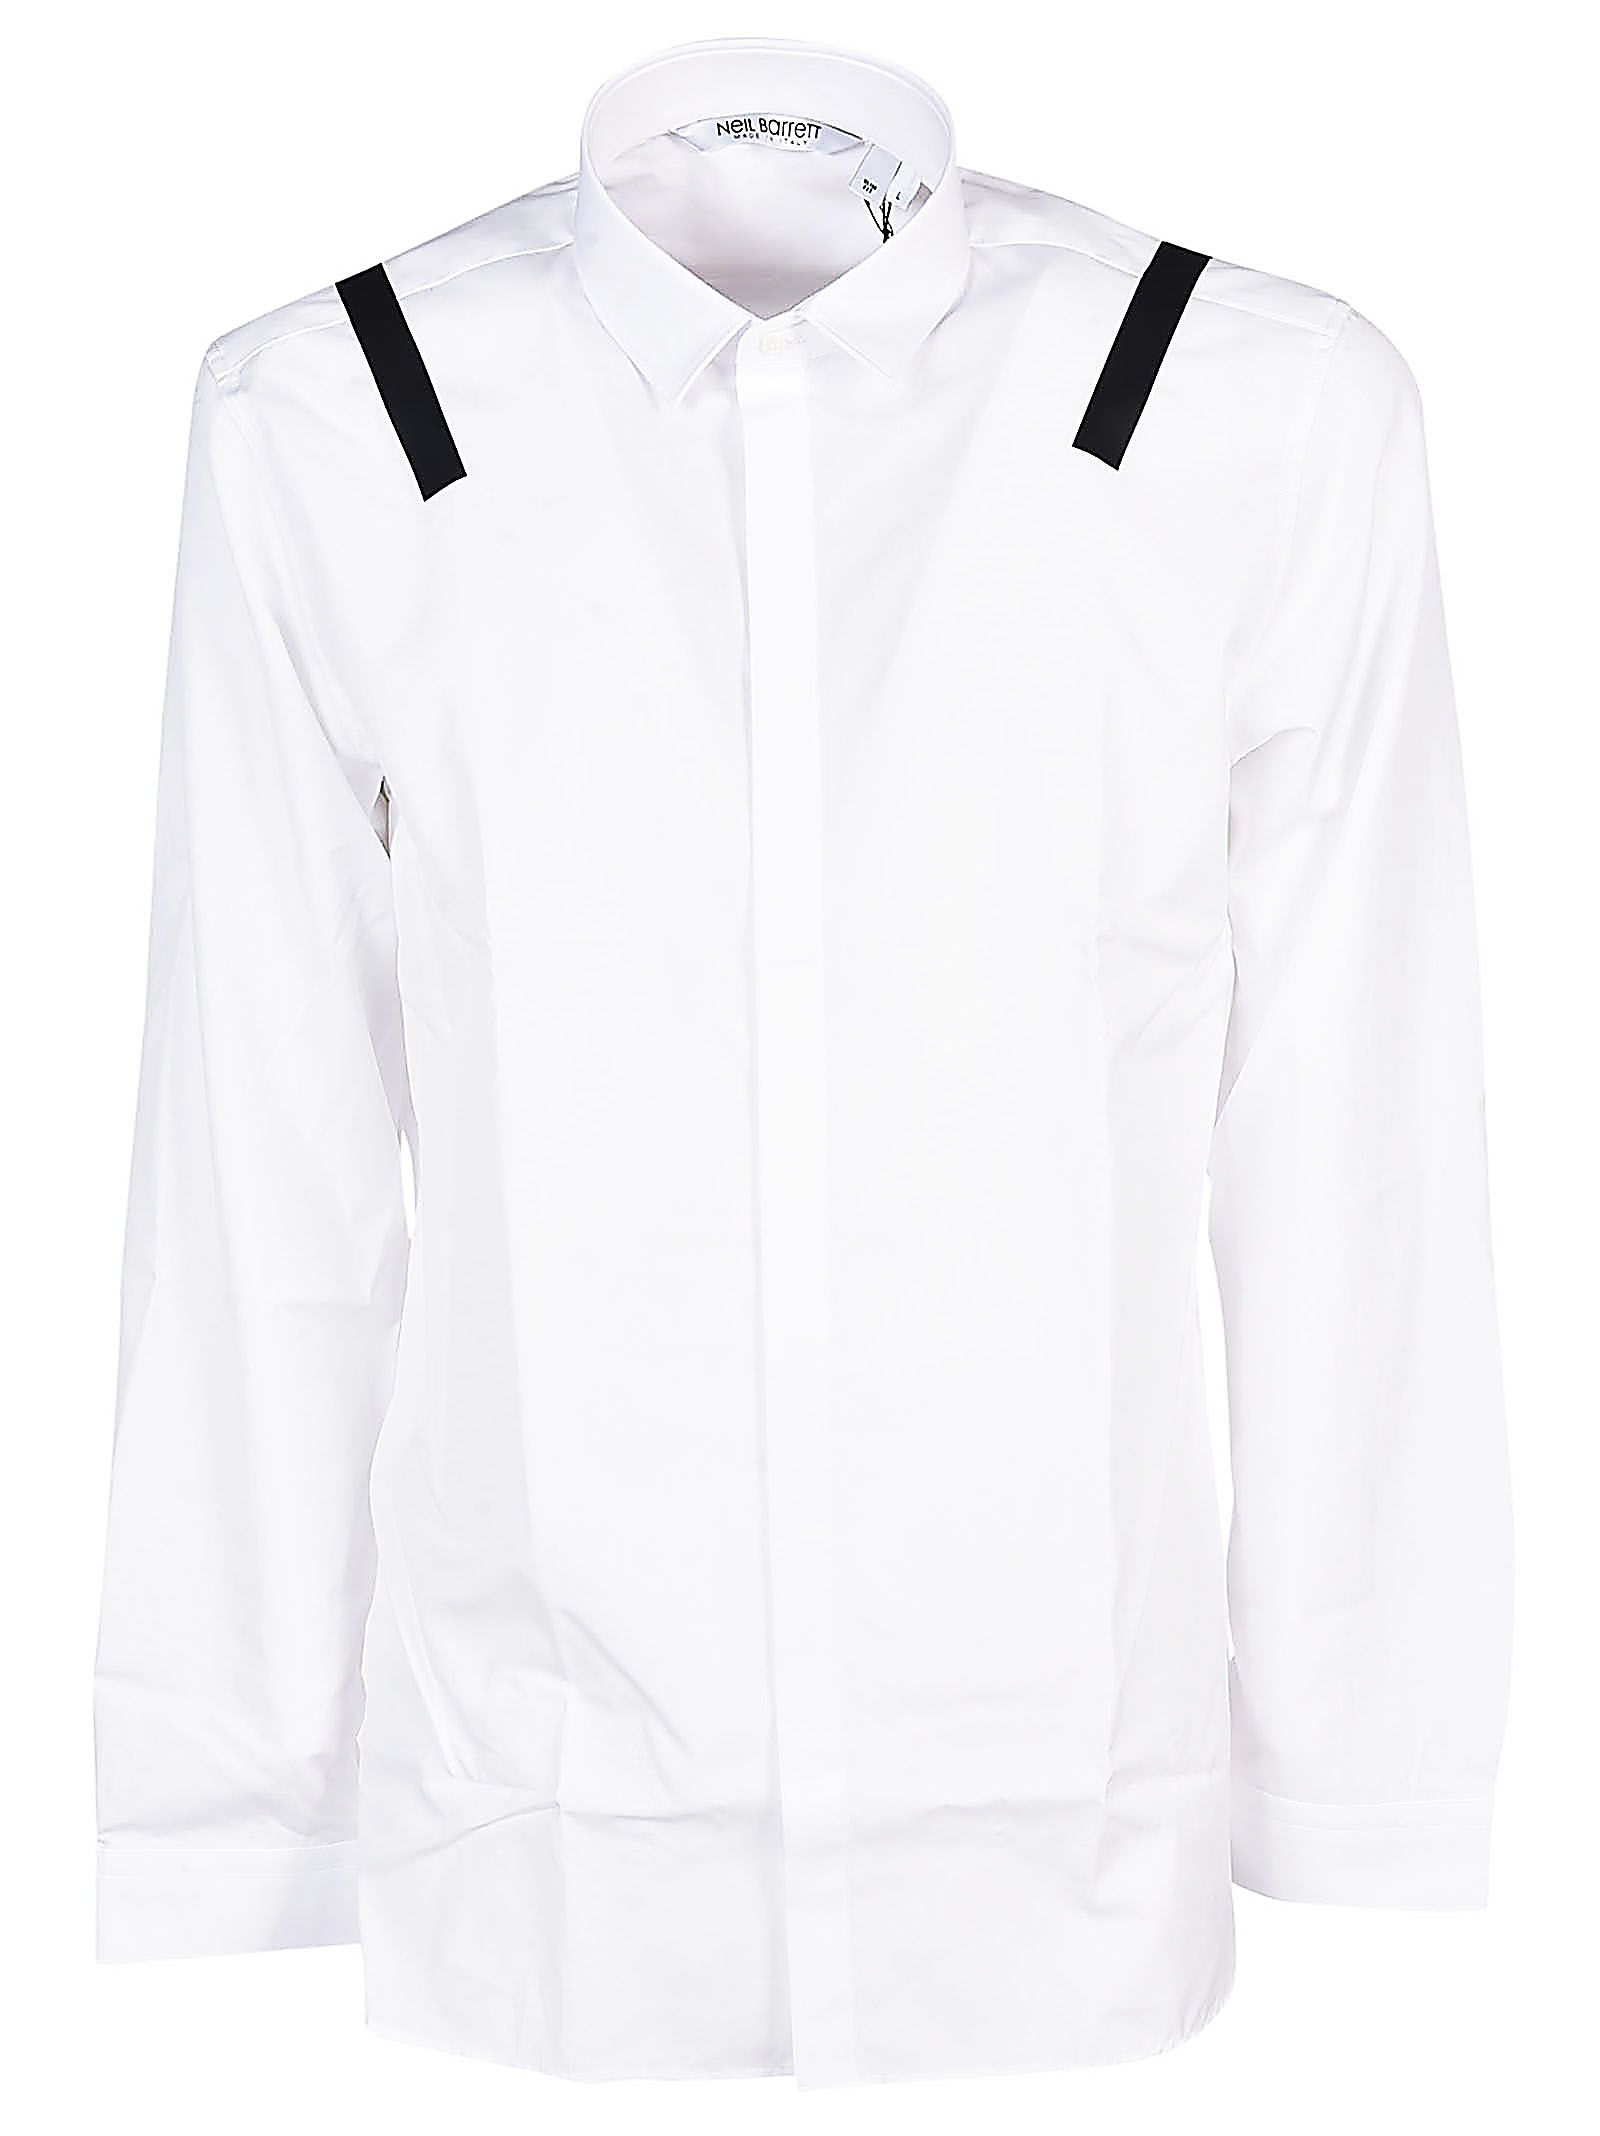 Neil Barrett Line Detail Shirt